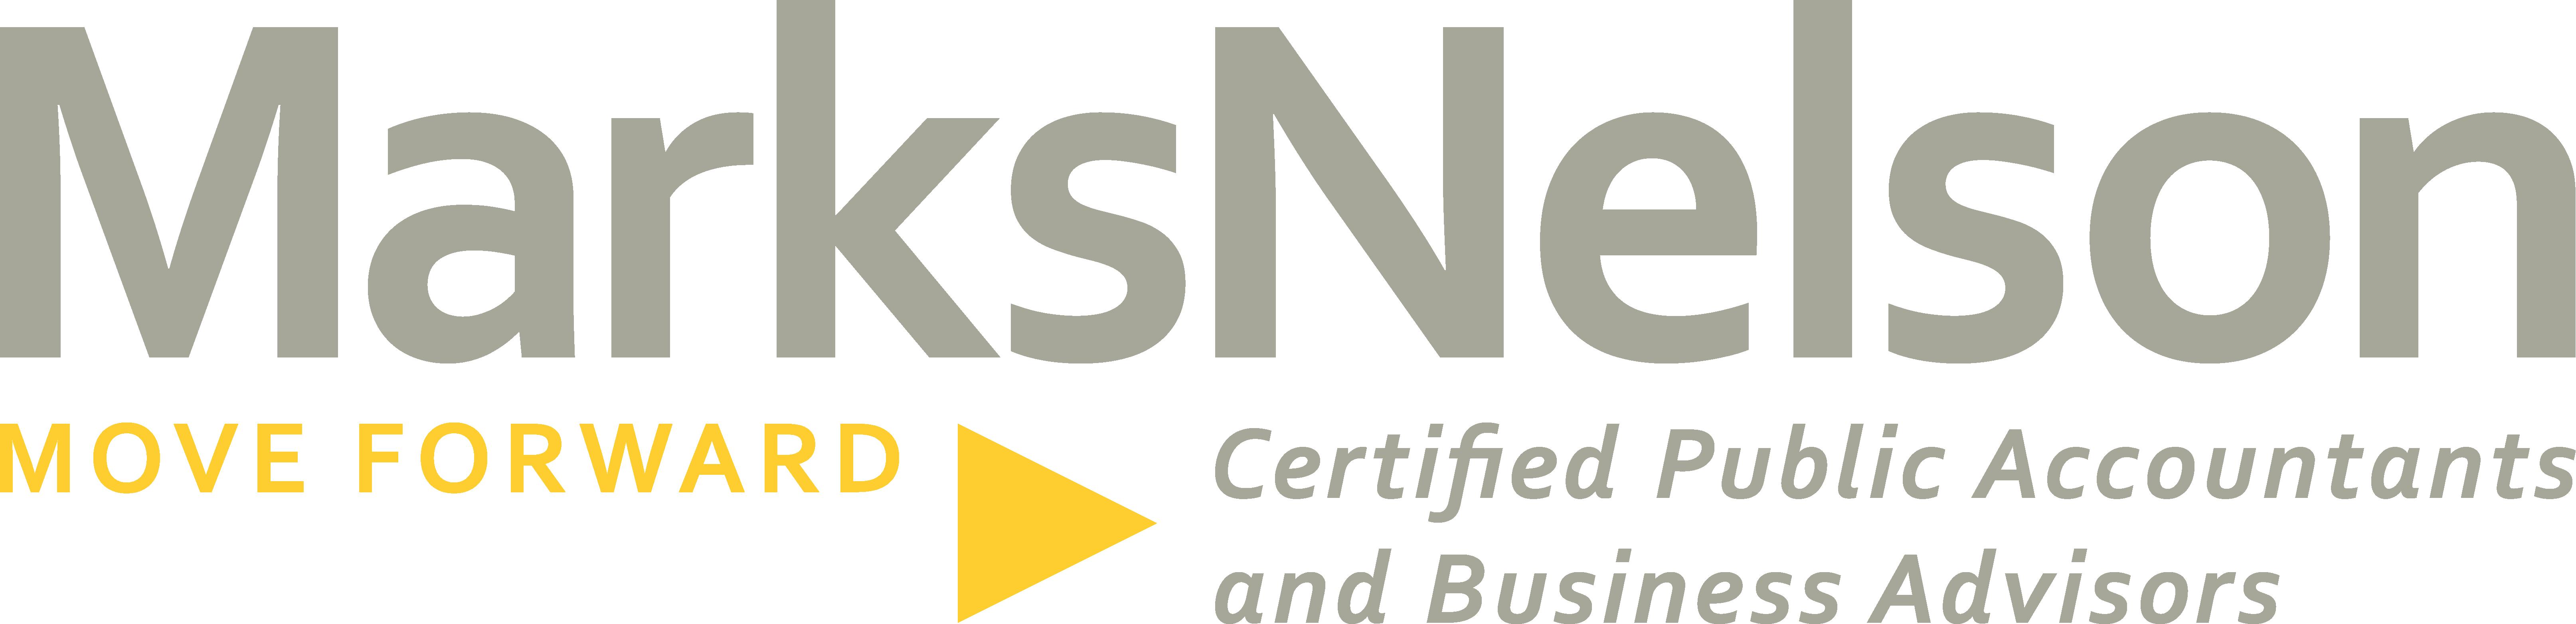 marks nelson logo